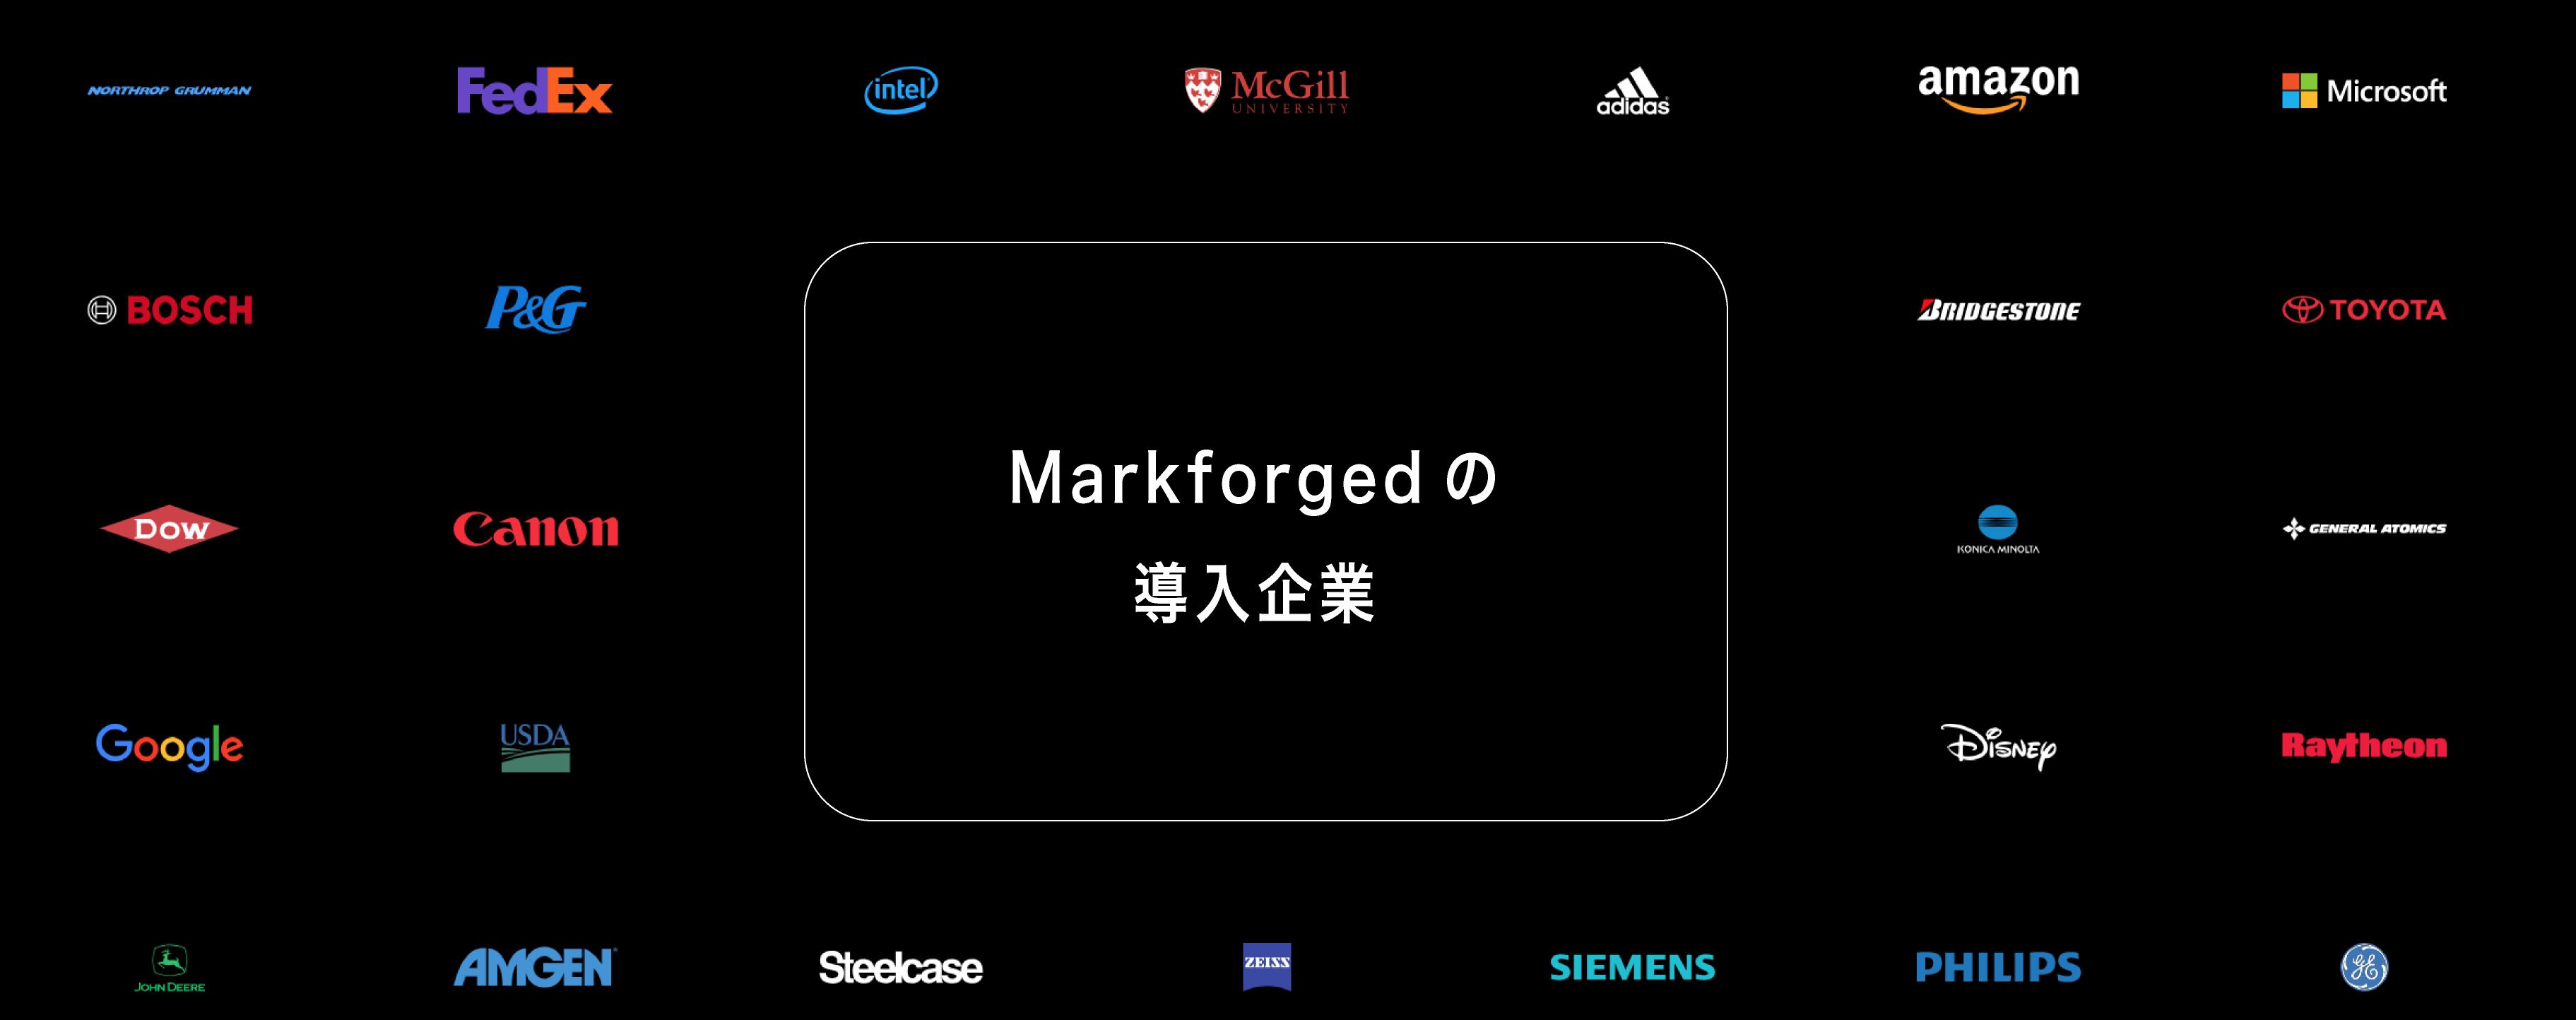 Markforgedの導入企業